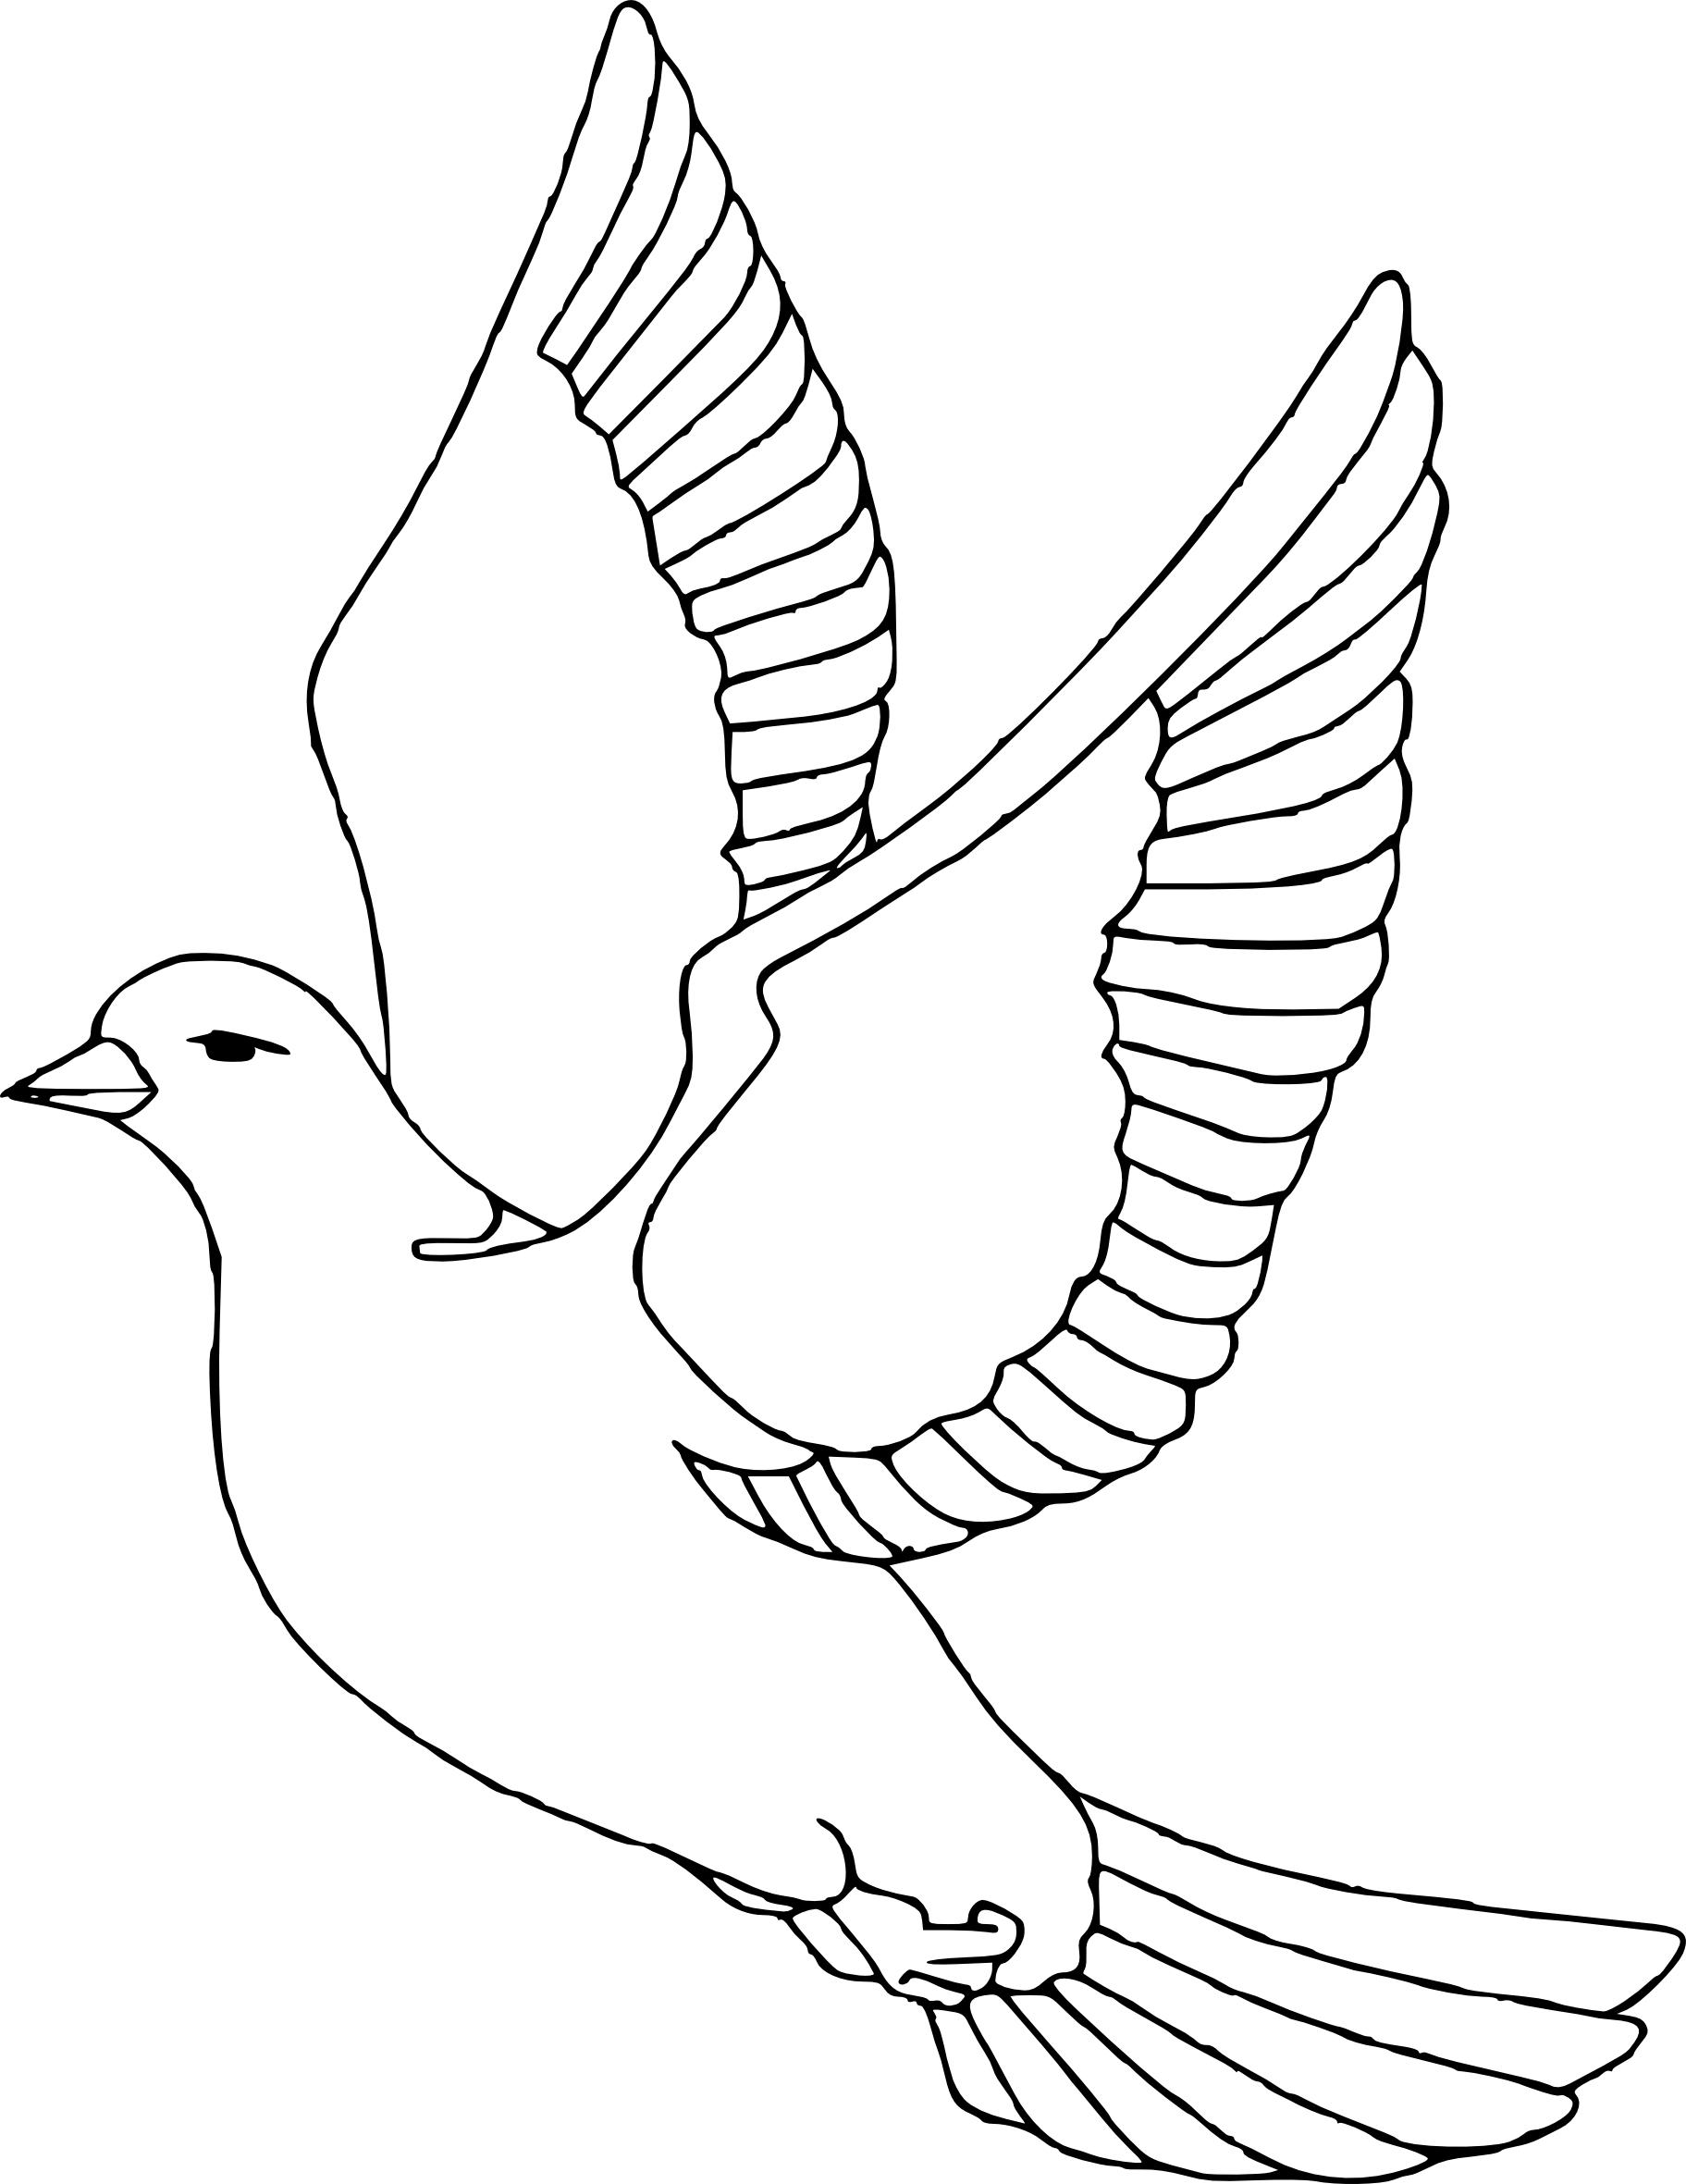 Coloriage la colombe oiseau imprimer et colorier - Colombe a colorier ...